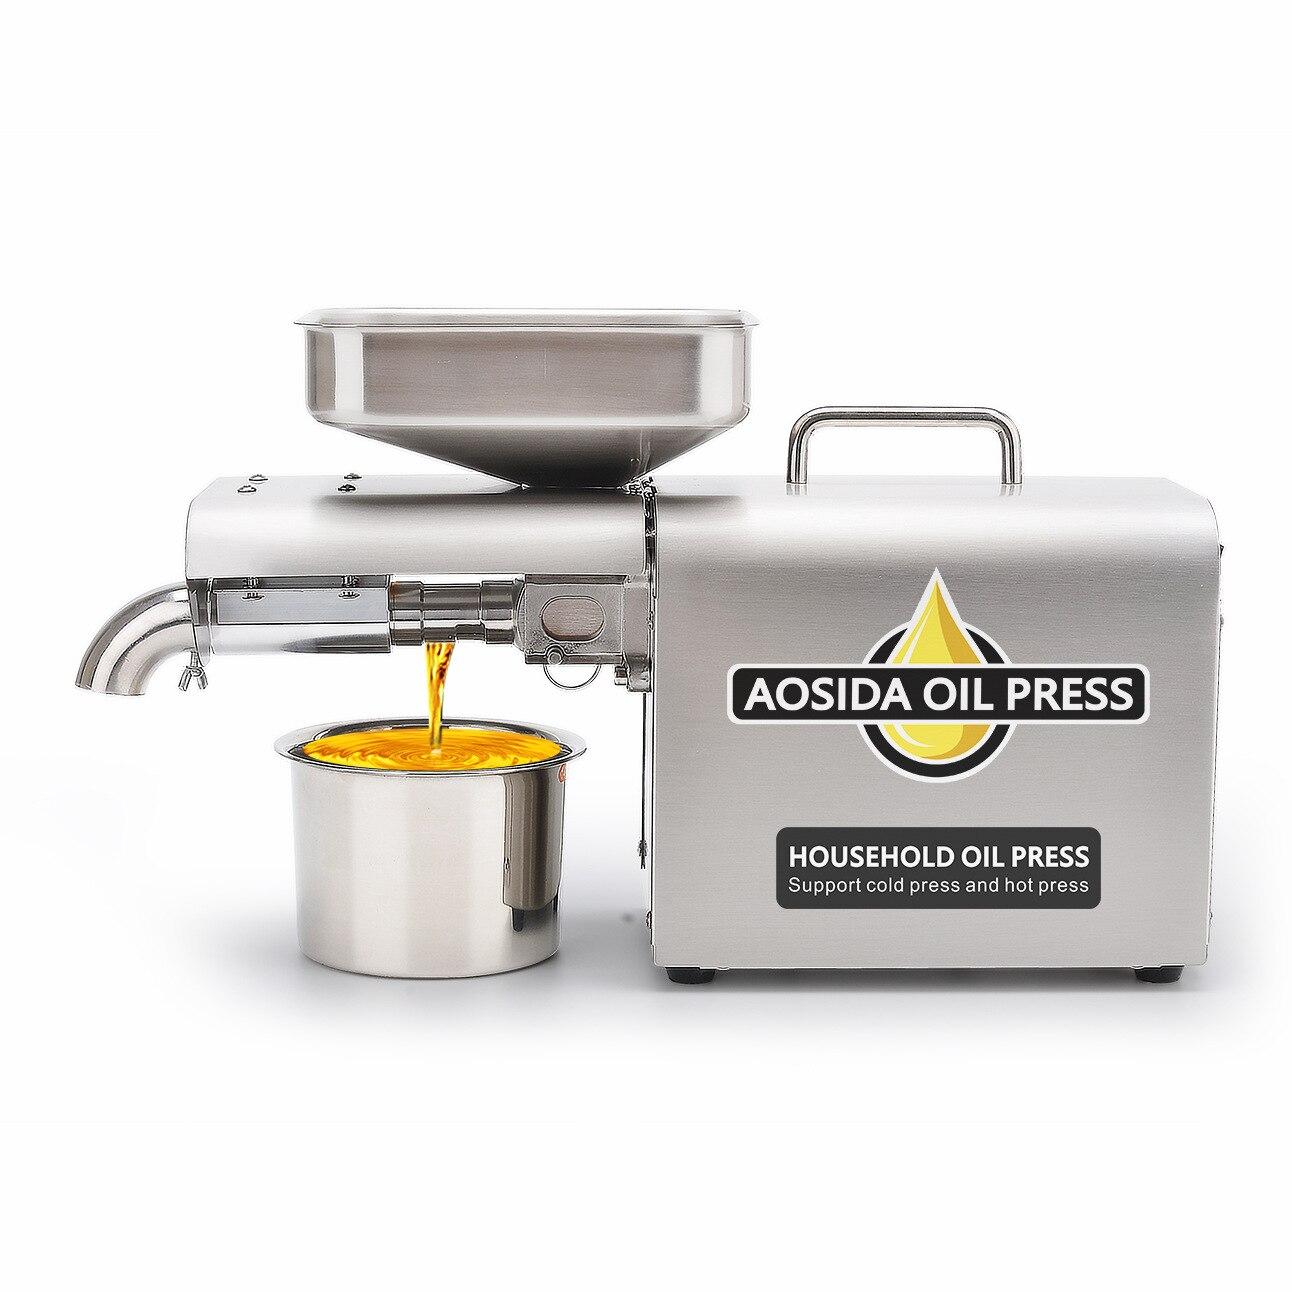 110 فولت/220 فولت 500 واط التلقائي المنزلية ذكي آلة ضغط الزيت المنزلية الصغيرة الفولاذ المقاوم للصدأ آلة ضغط الزيت